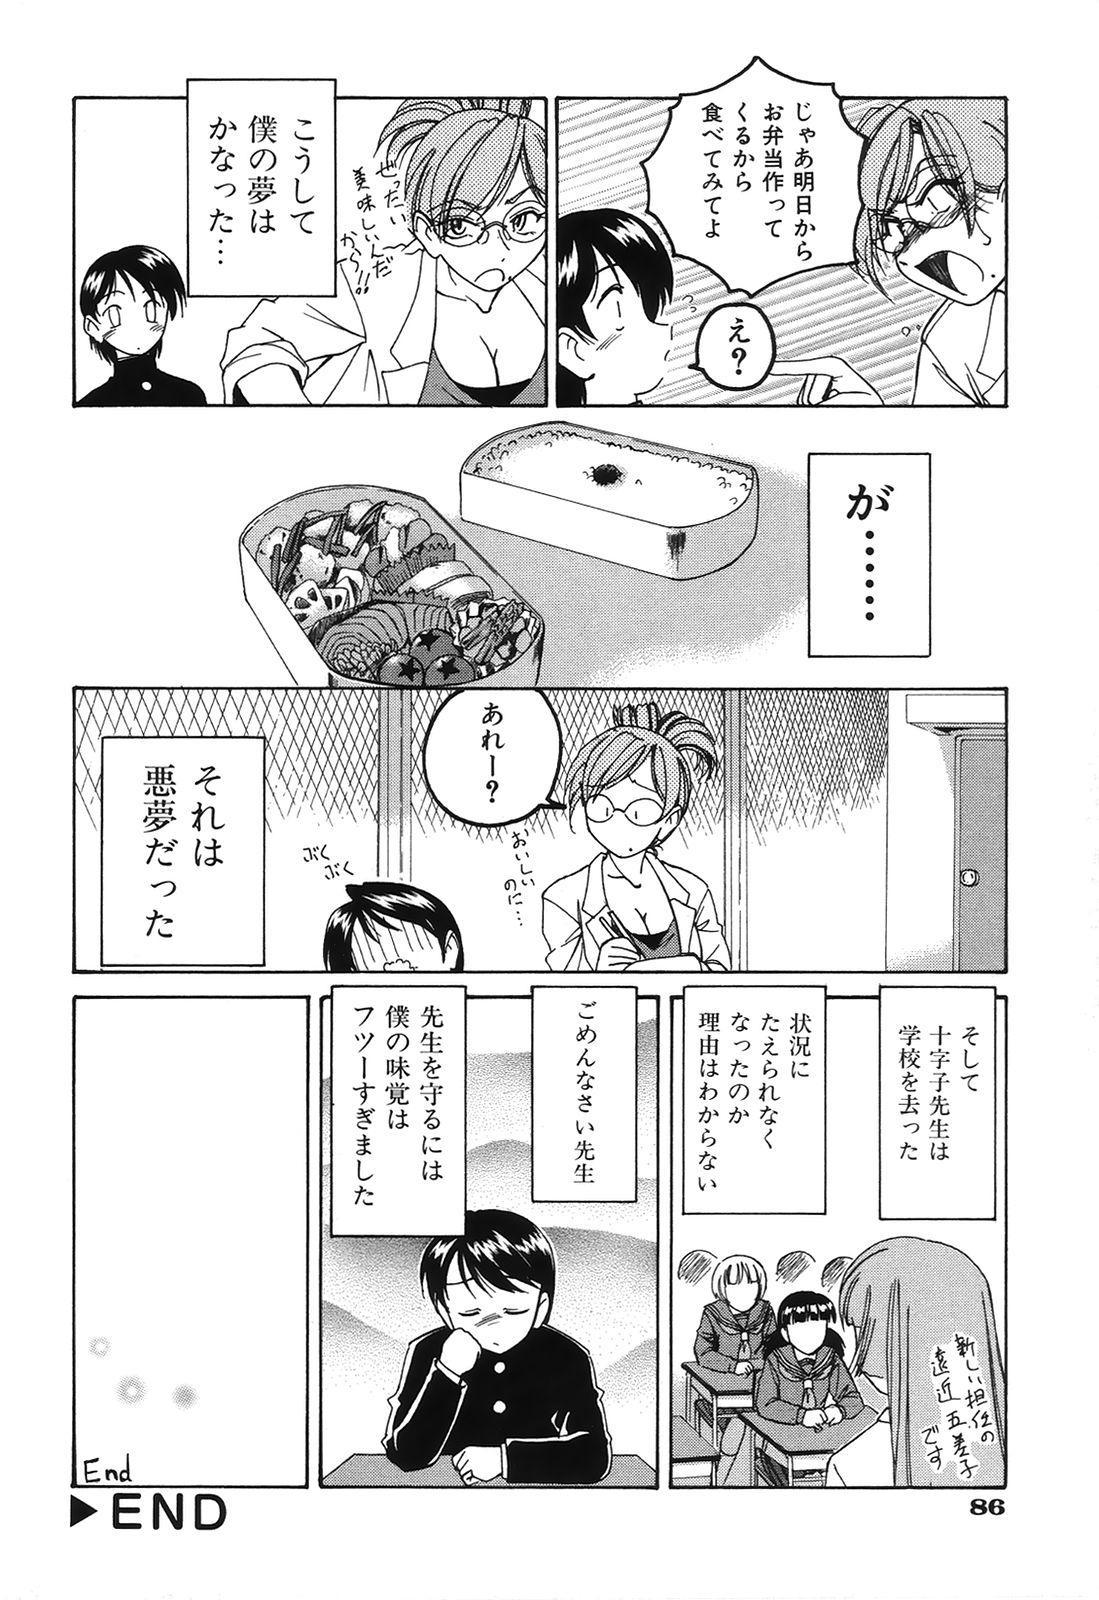 Omake No Musume 88